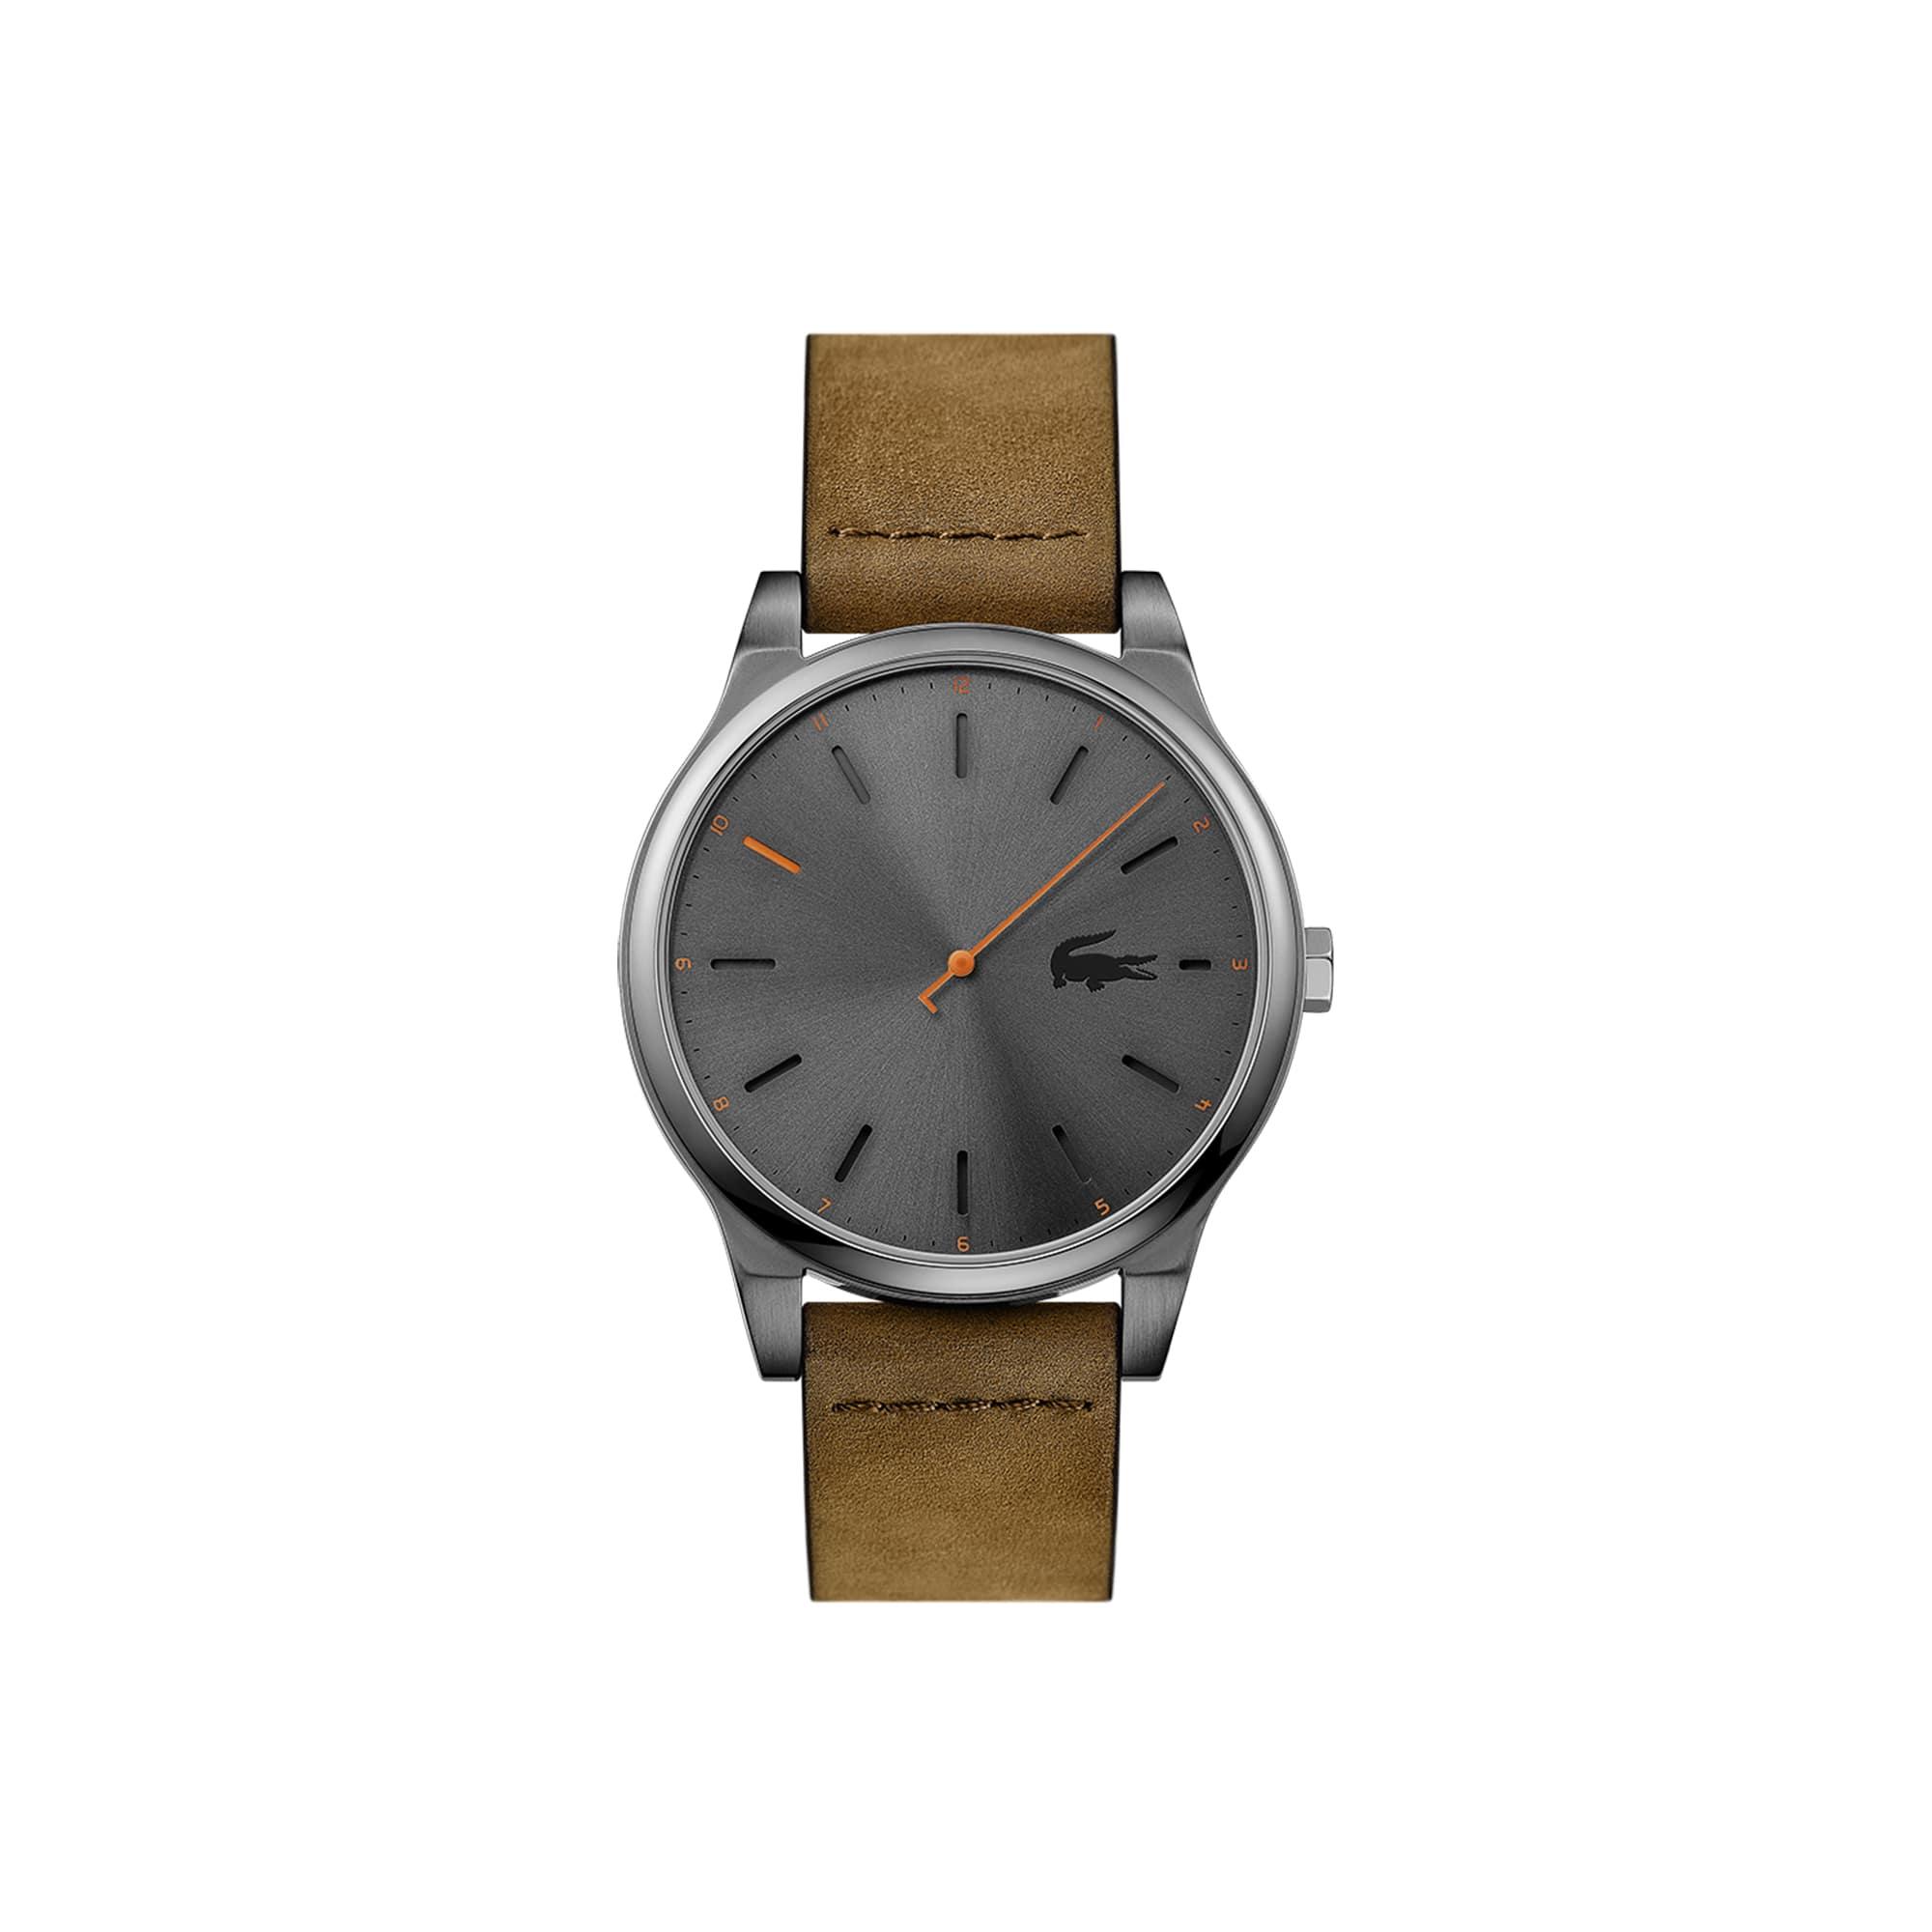 Relógio Kyoto de homem com bracelete de pele castanha